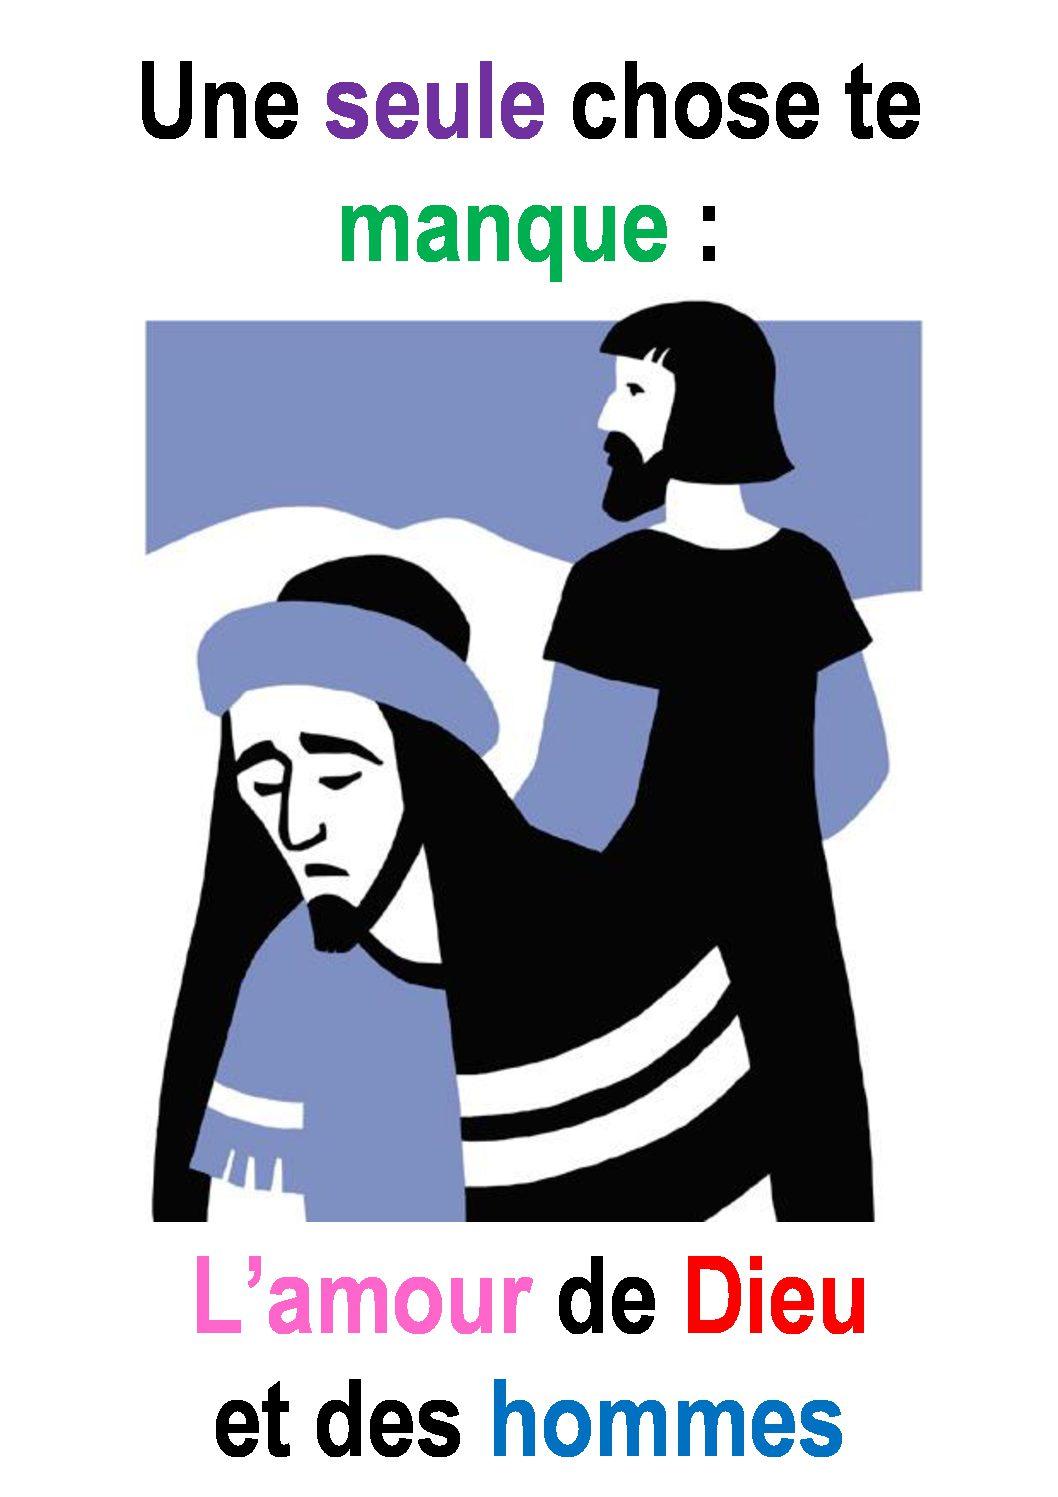 28ième Dimanche du Temps Ordinaire – par Francis COUSIN (Marc 10, 17-30)